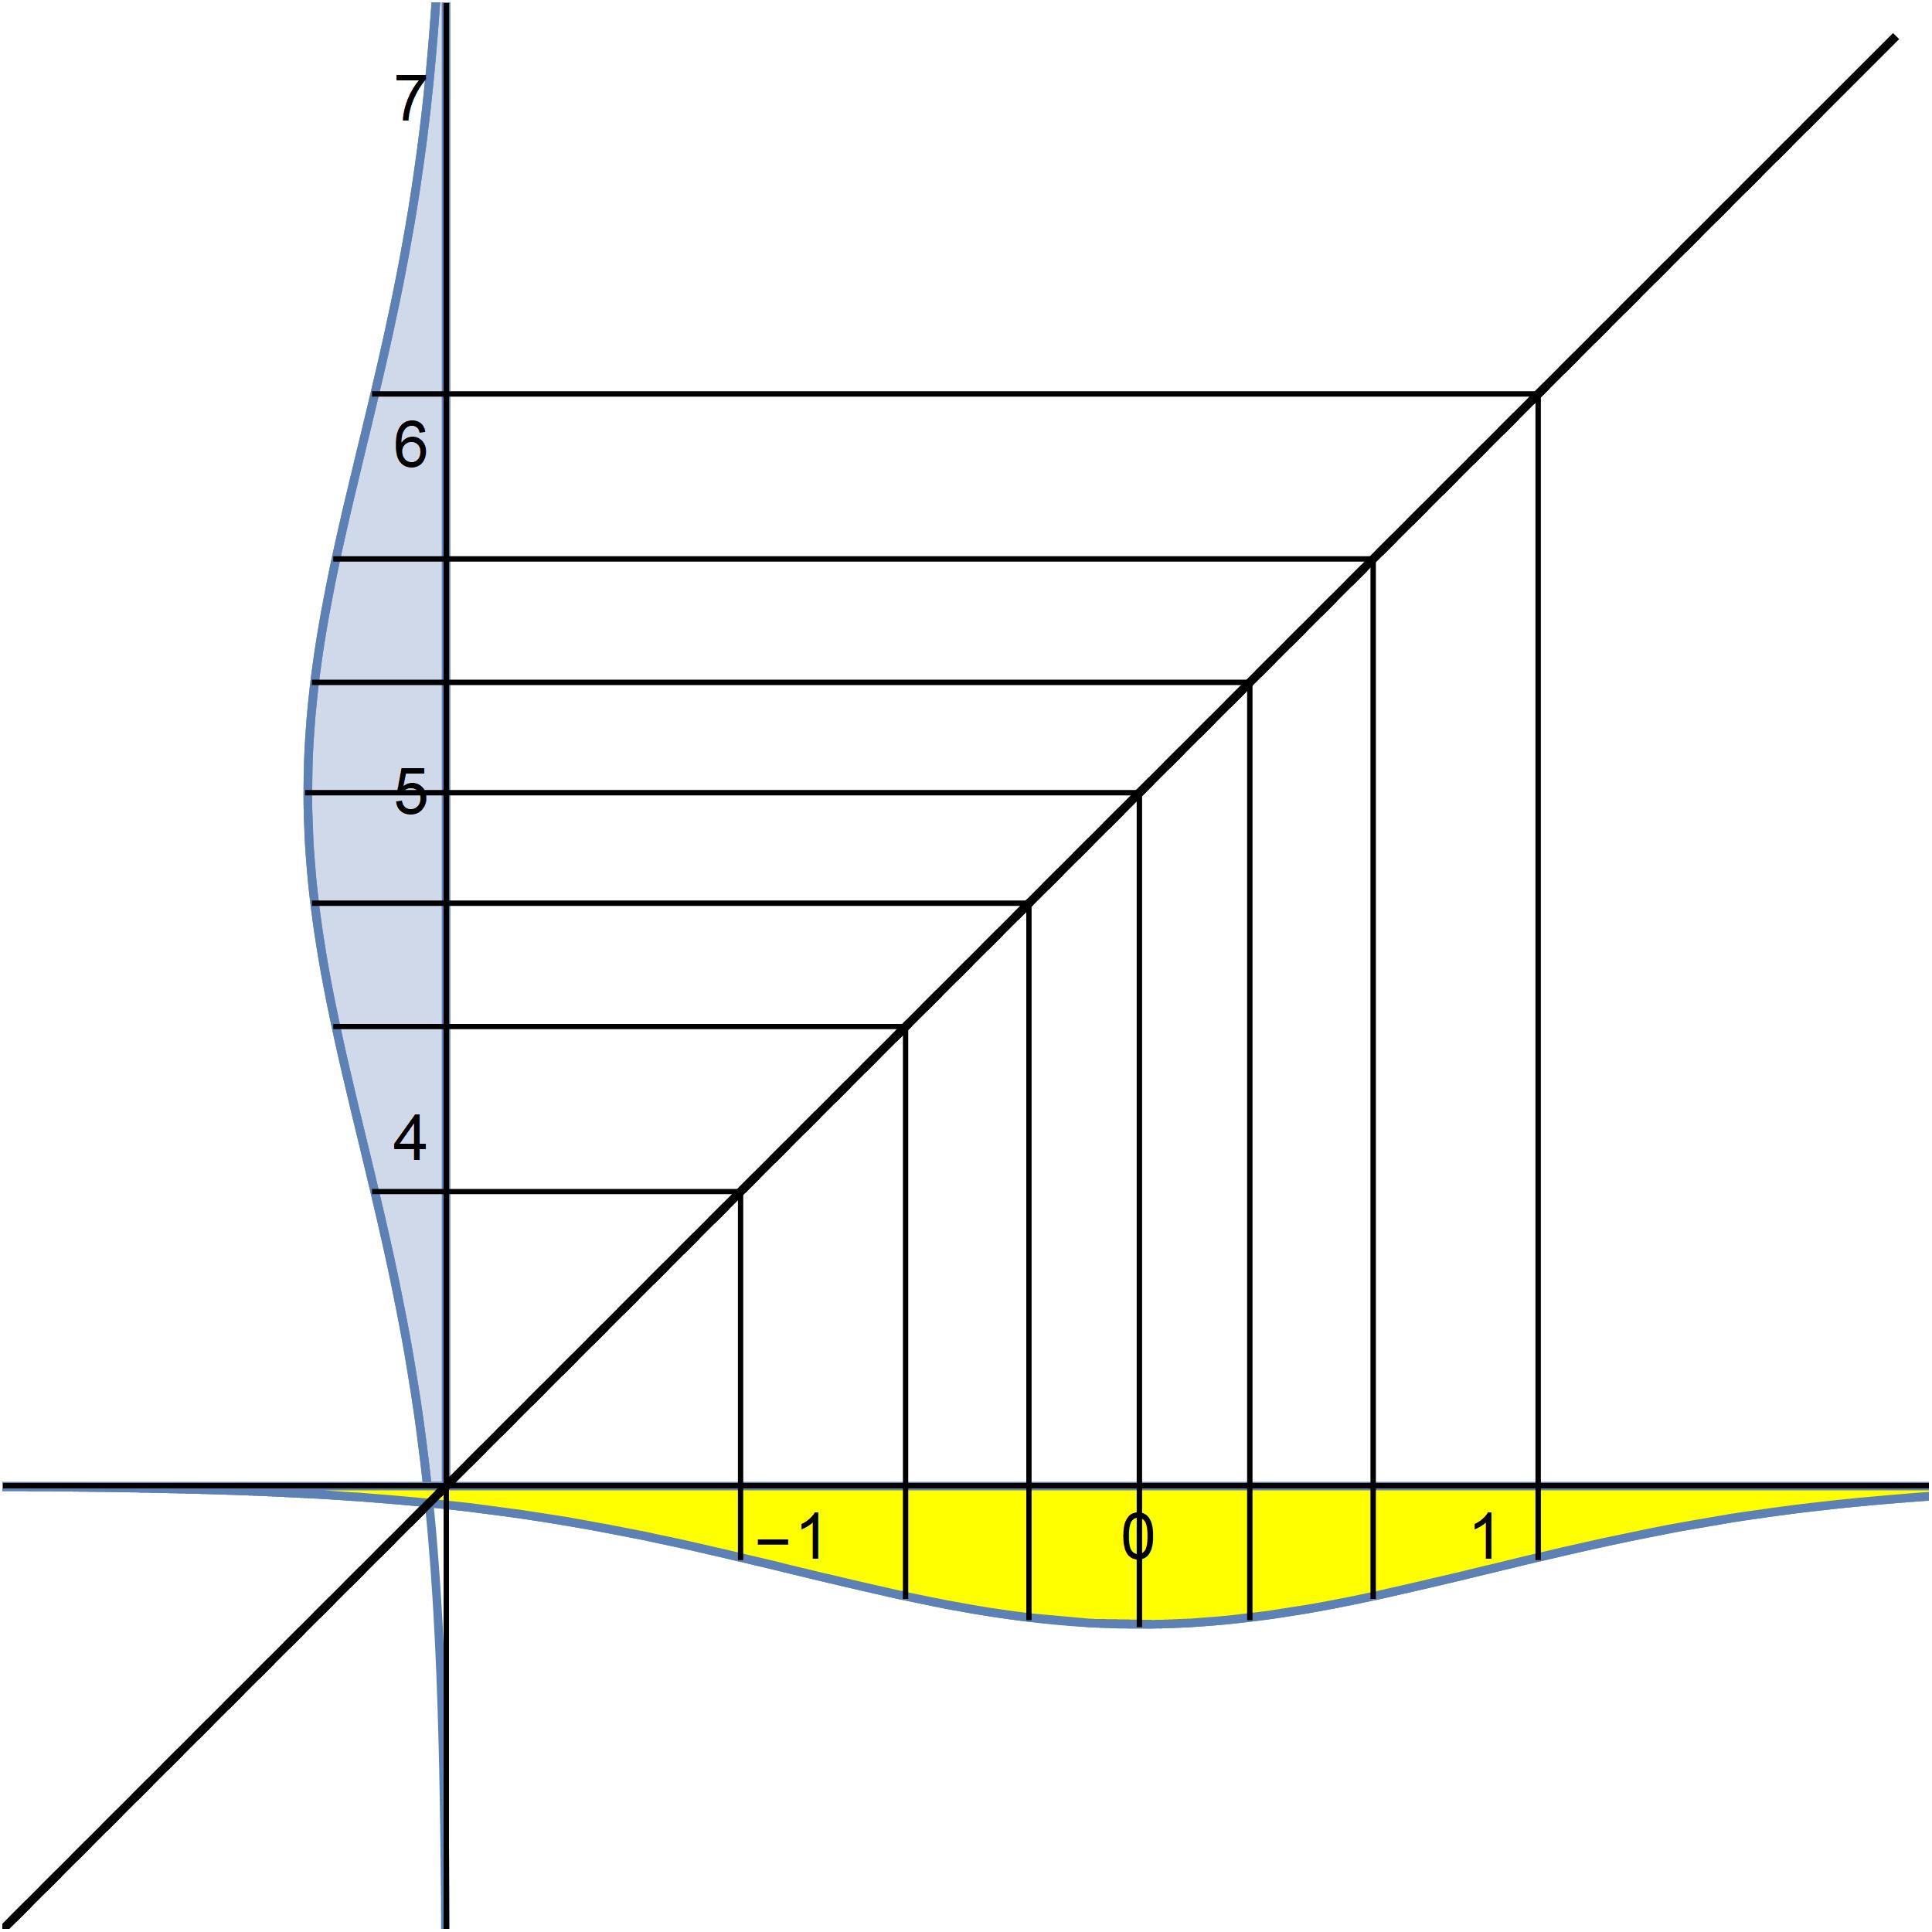 Рис. 5: Зависимость теоретических квантилей нормального распределения N(5, 1) от теоретических квантилей стандартного нормального N(0, 1).